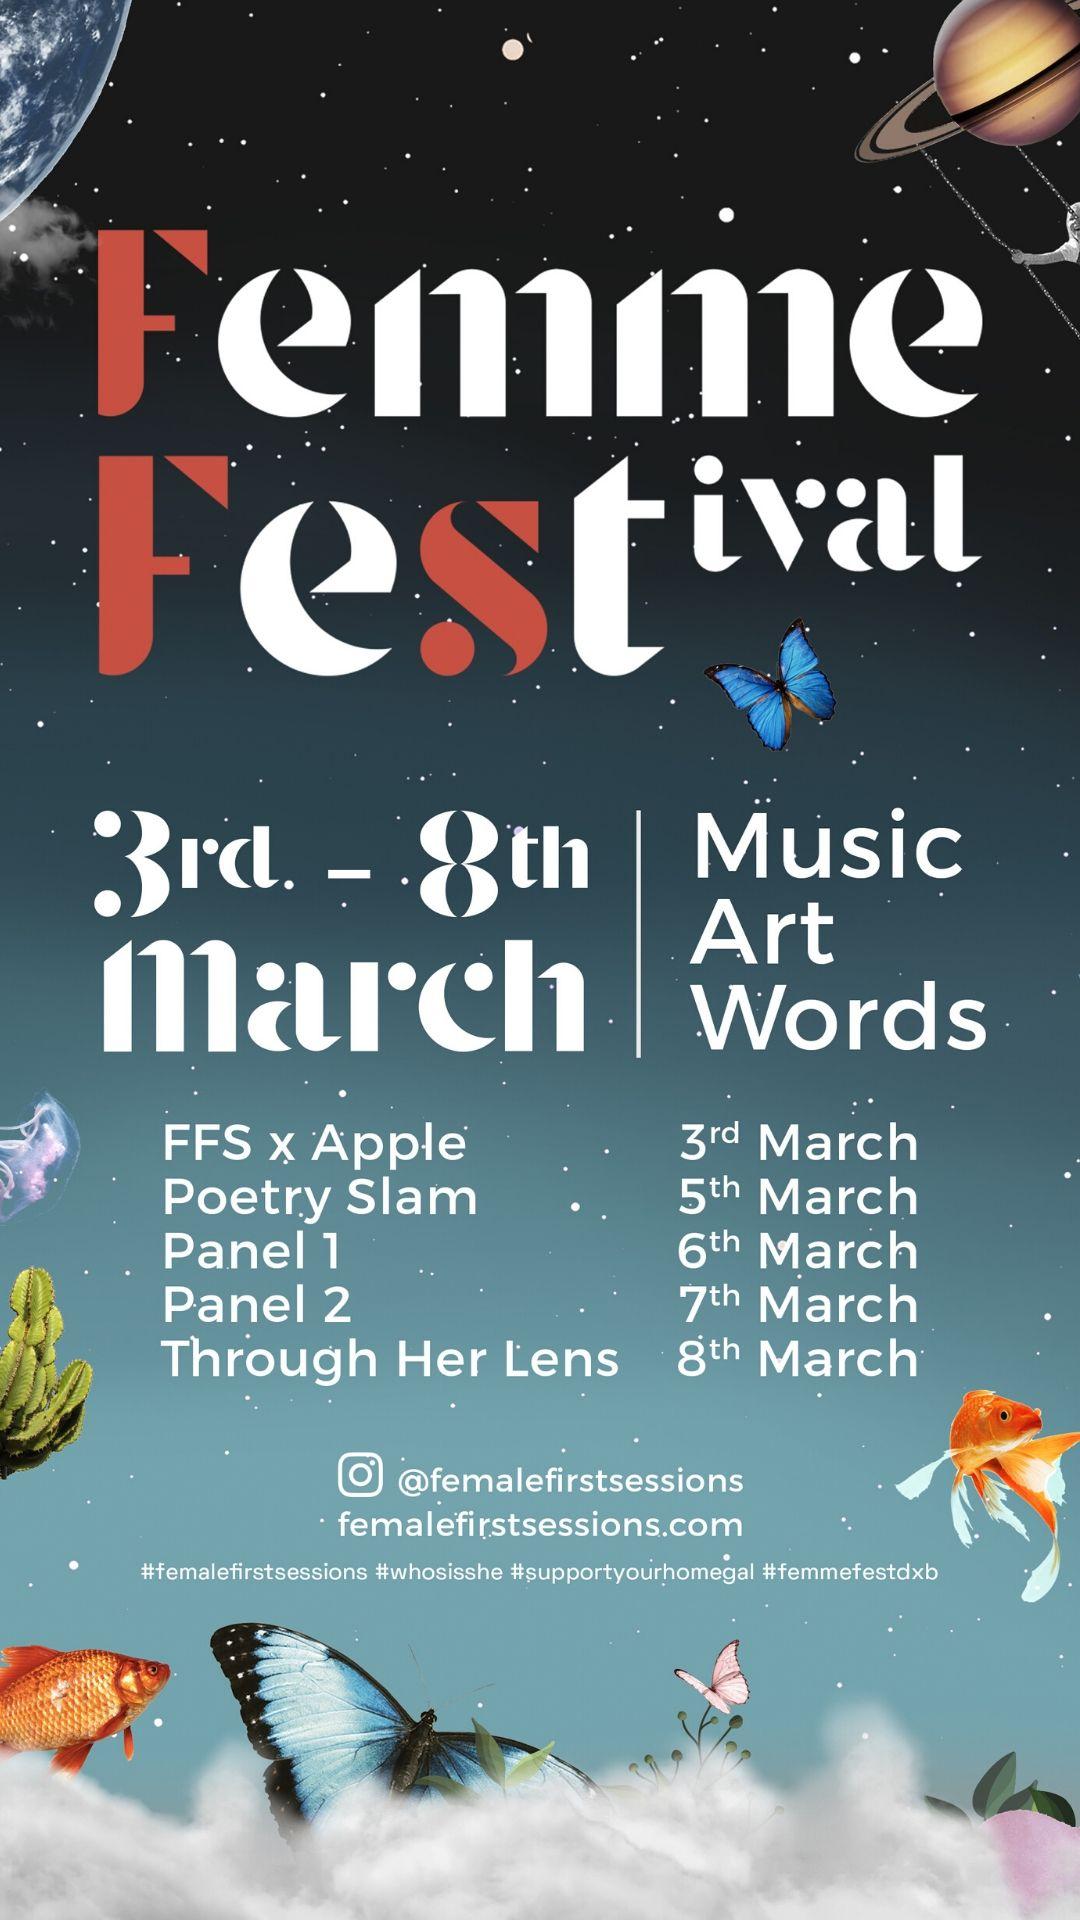 femme festival calendar